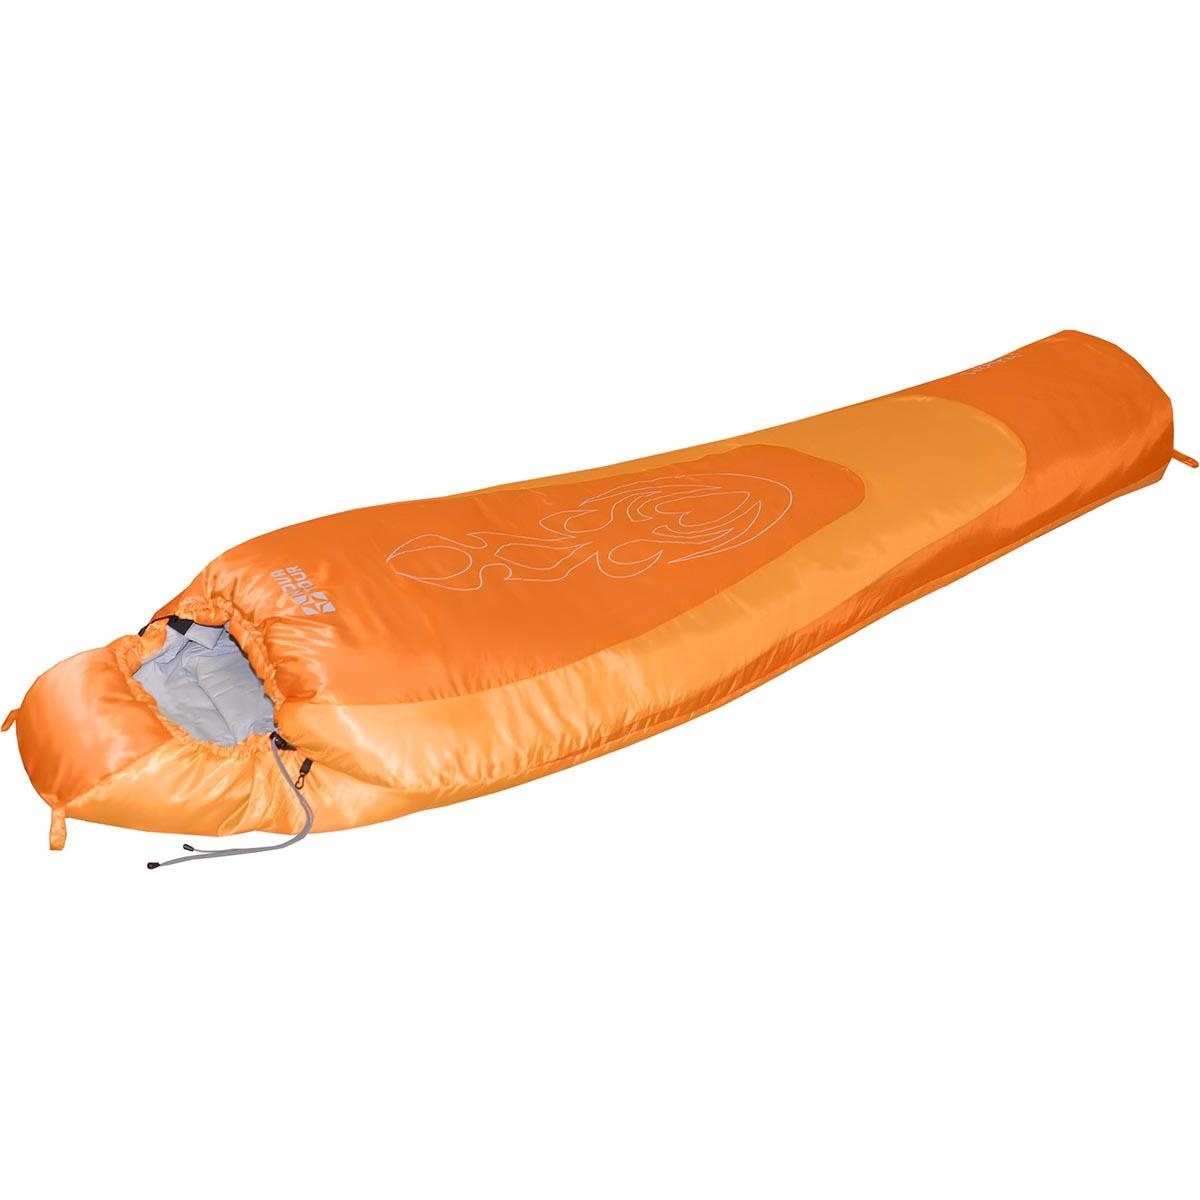 Спальный мешок Nova Tour Сибирь -20 V2, цвет: оранжевый, правосторонняя молния010-01199-23Зимний спальный мешок Nova Tour Сибирь -20 V2 имеет конструкцию кокон. Оснащен утепленным утягивающимся капюшоном и удобным шейным воротником. Двухзамковая молния позволяет состегнуть два спальных мешка левого и правого исполнения в один двойной. Особенности:Шейный утепляющий воротник.Планка утепляющая молнию.Разъемная двухзамковая молния.Состегивающаяся молния.Компрессионный мешок в комплекте.